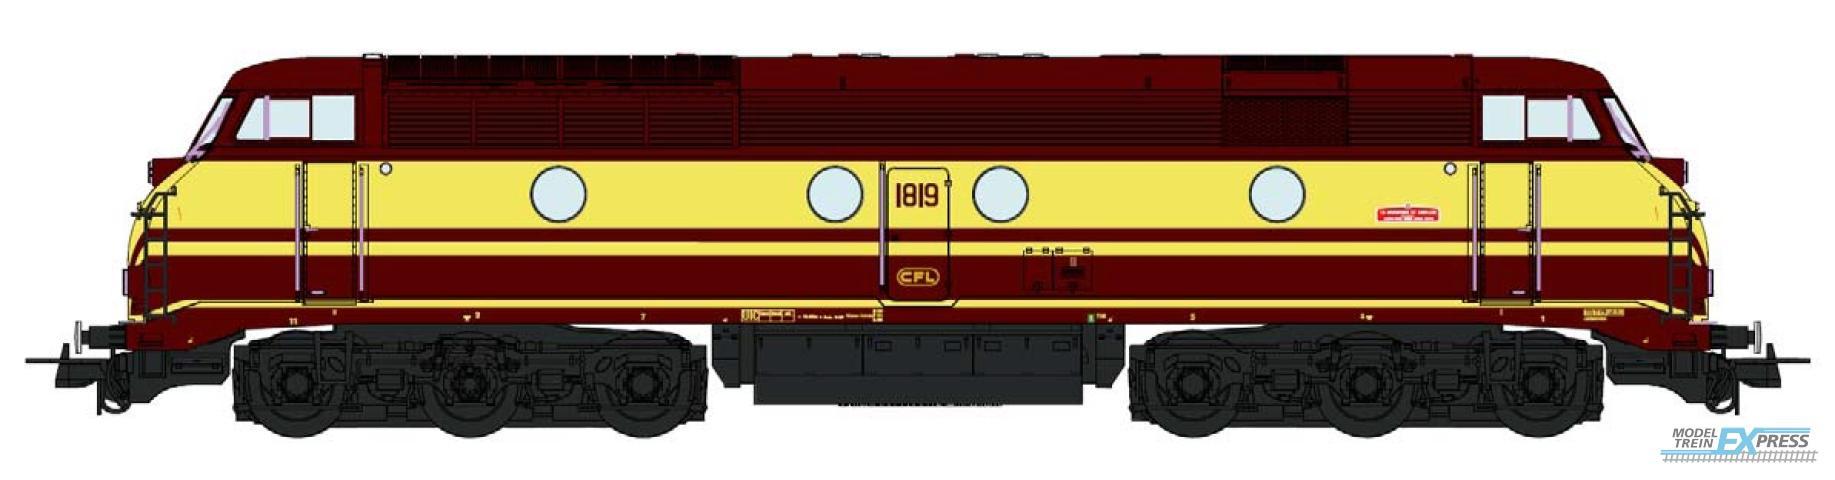 B-Models 23.209